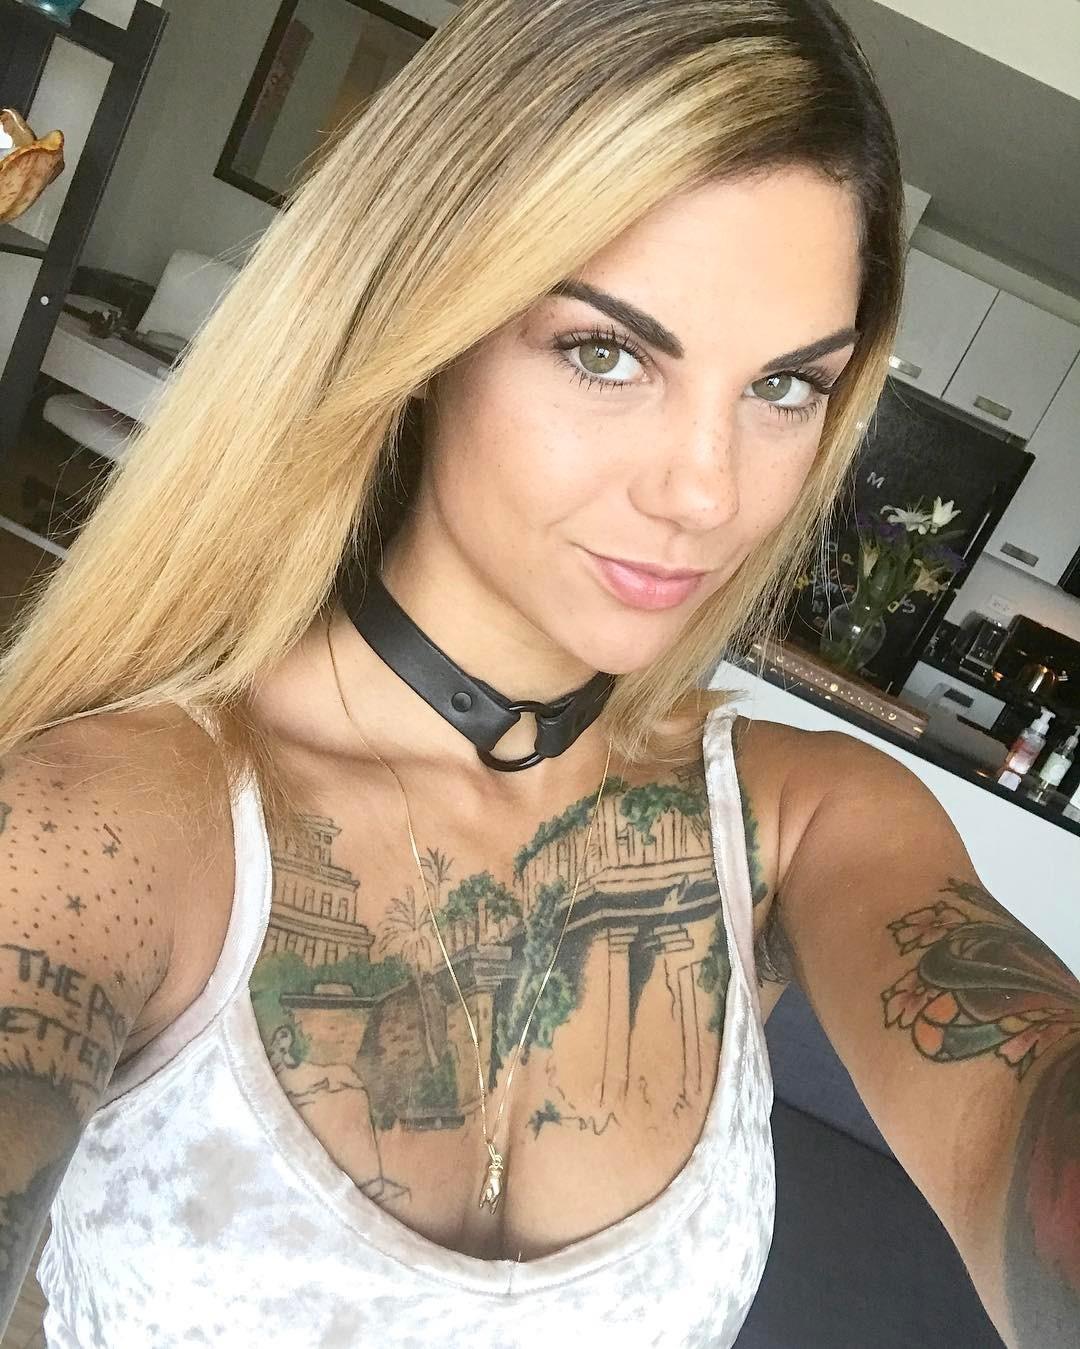 tumblr porn actress